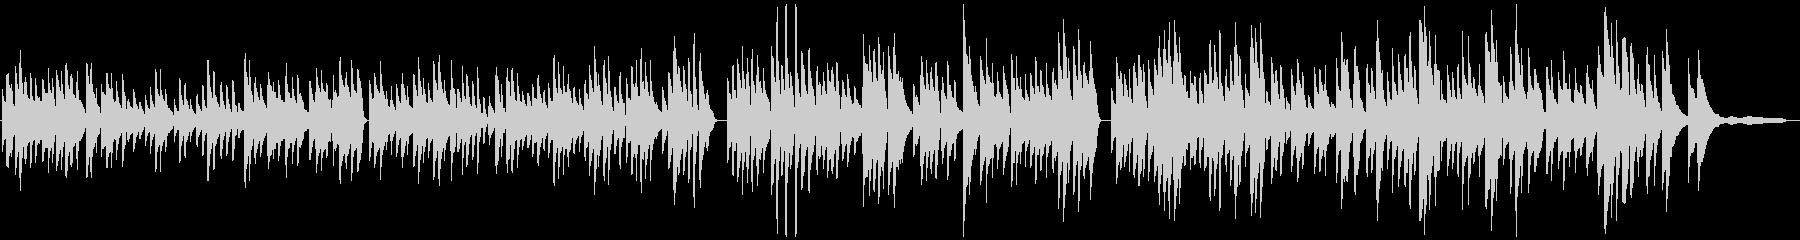 バッハBWV1013ピアノソロの未再生の波形